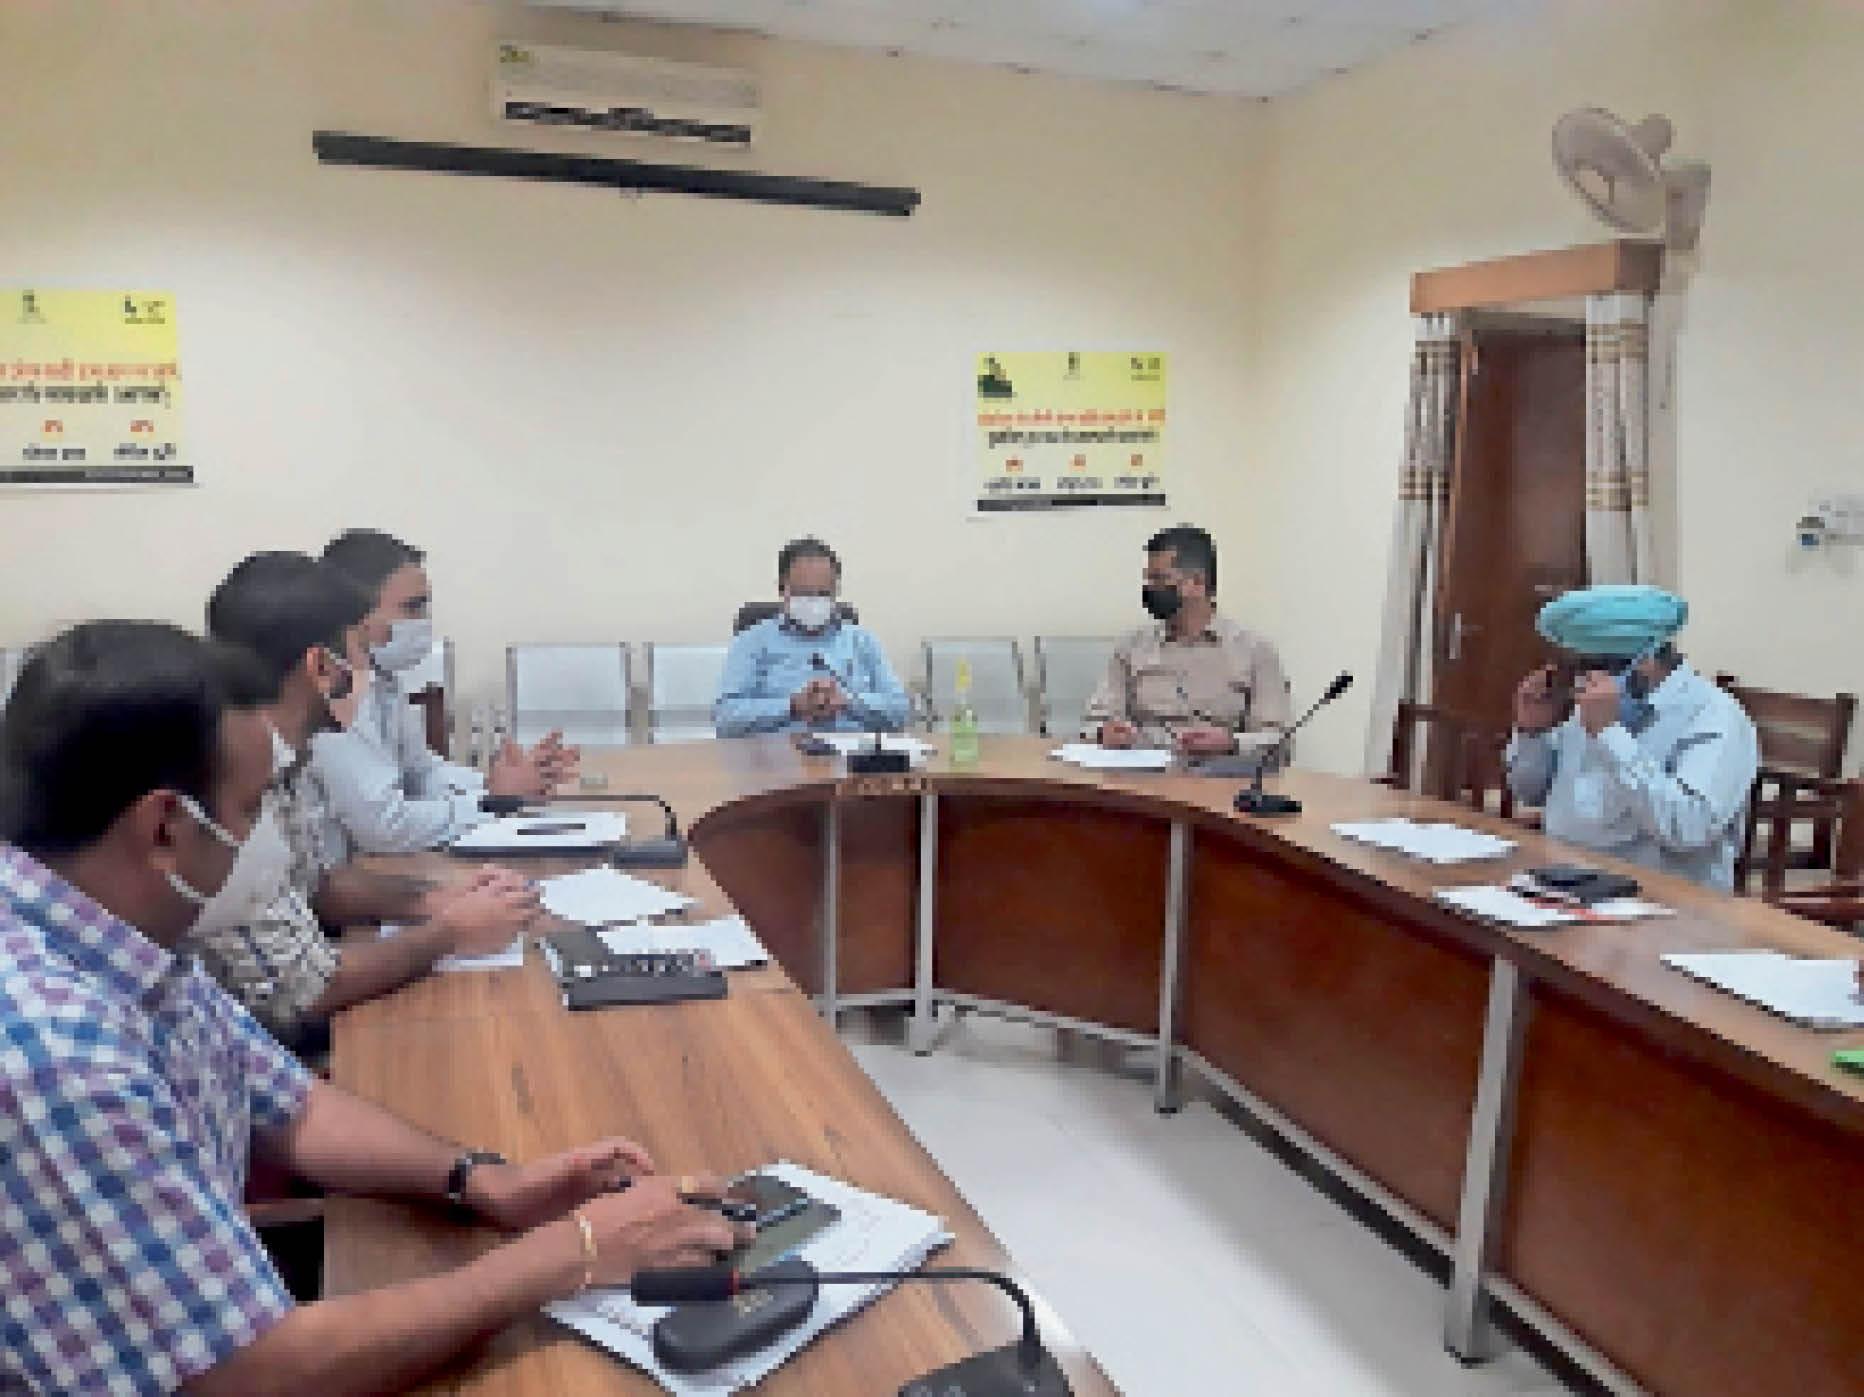 ऑक्सीजन, अब जिला अस्पताल में दूसरा प्लांट 15 दिन में प्रारंभ होगा|श्रीगंंगानगर,Sriganganagar - Dainik Bhaskar